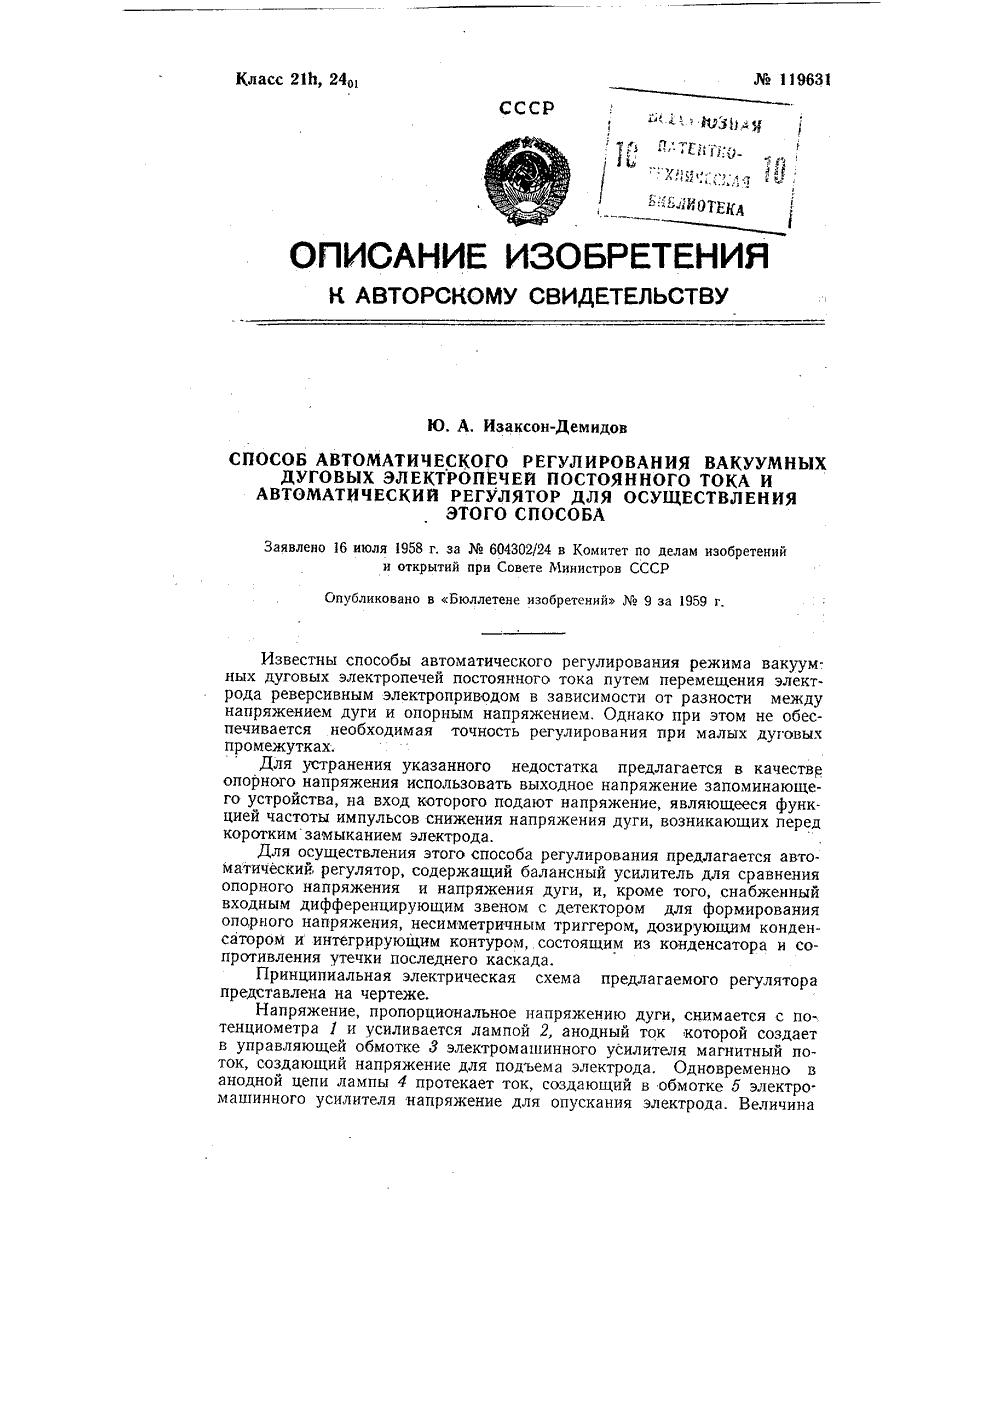 схема регулятора электропечи